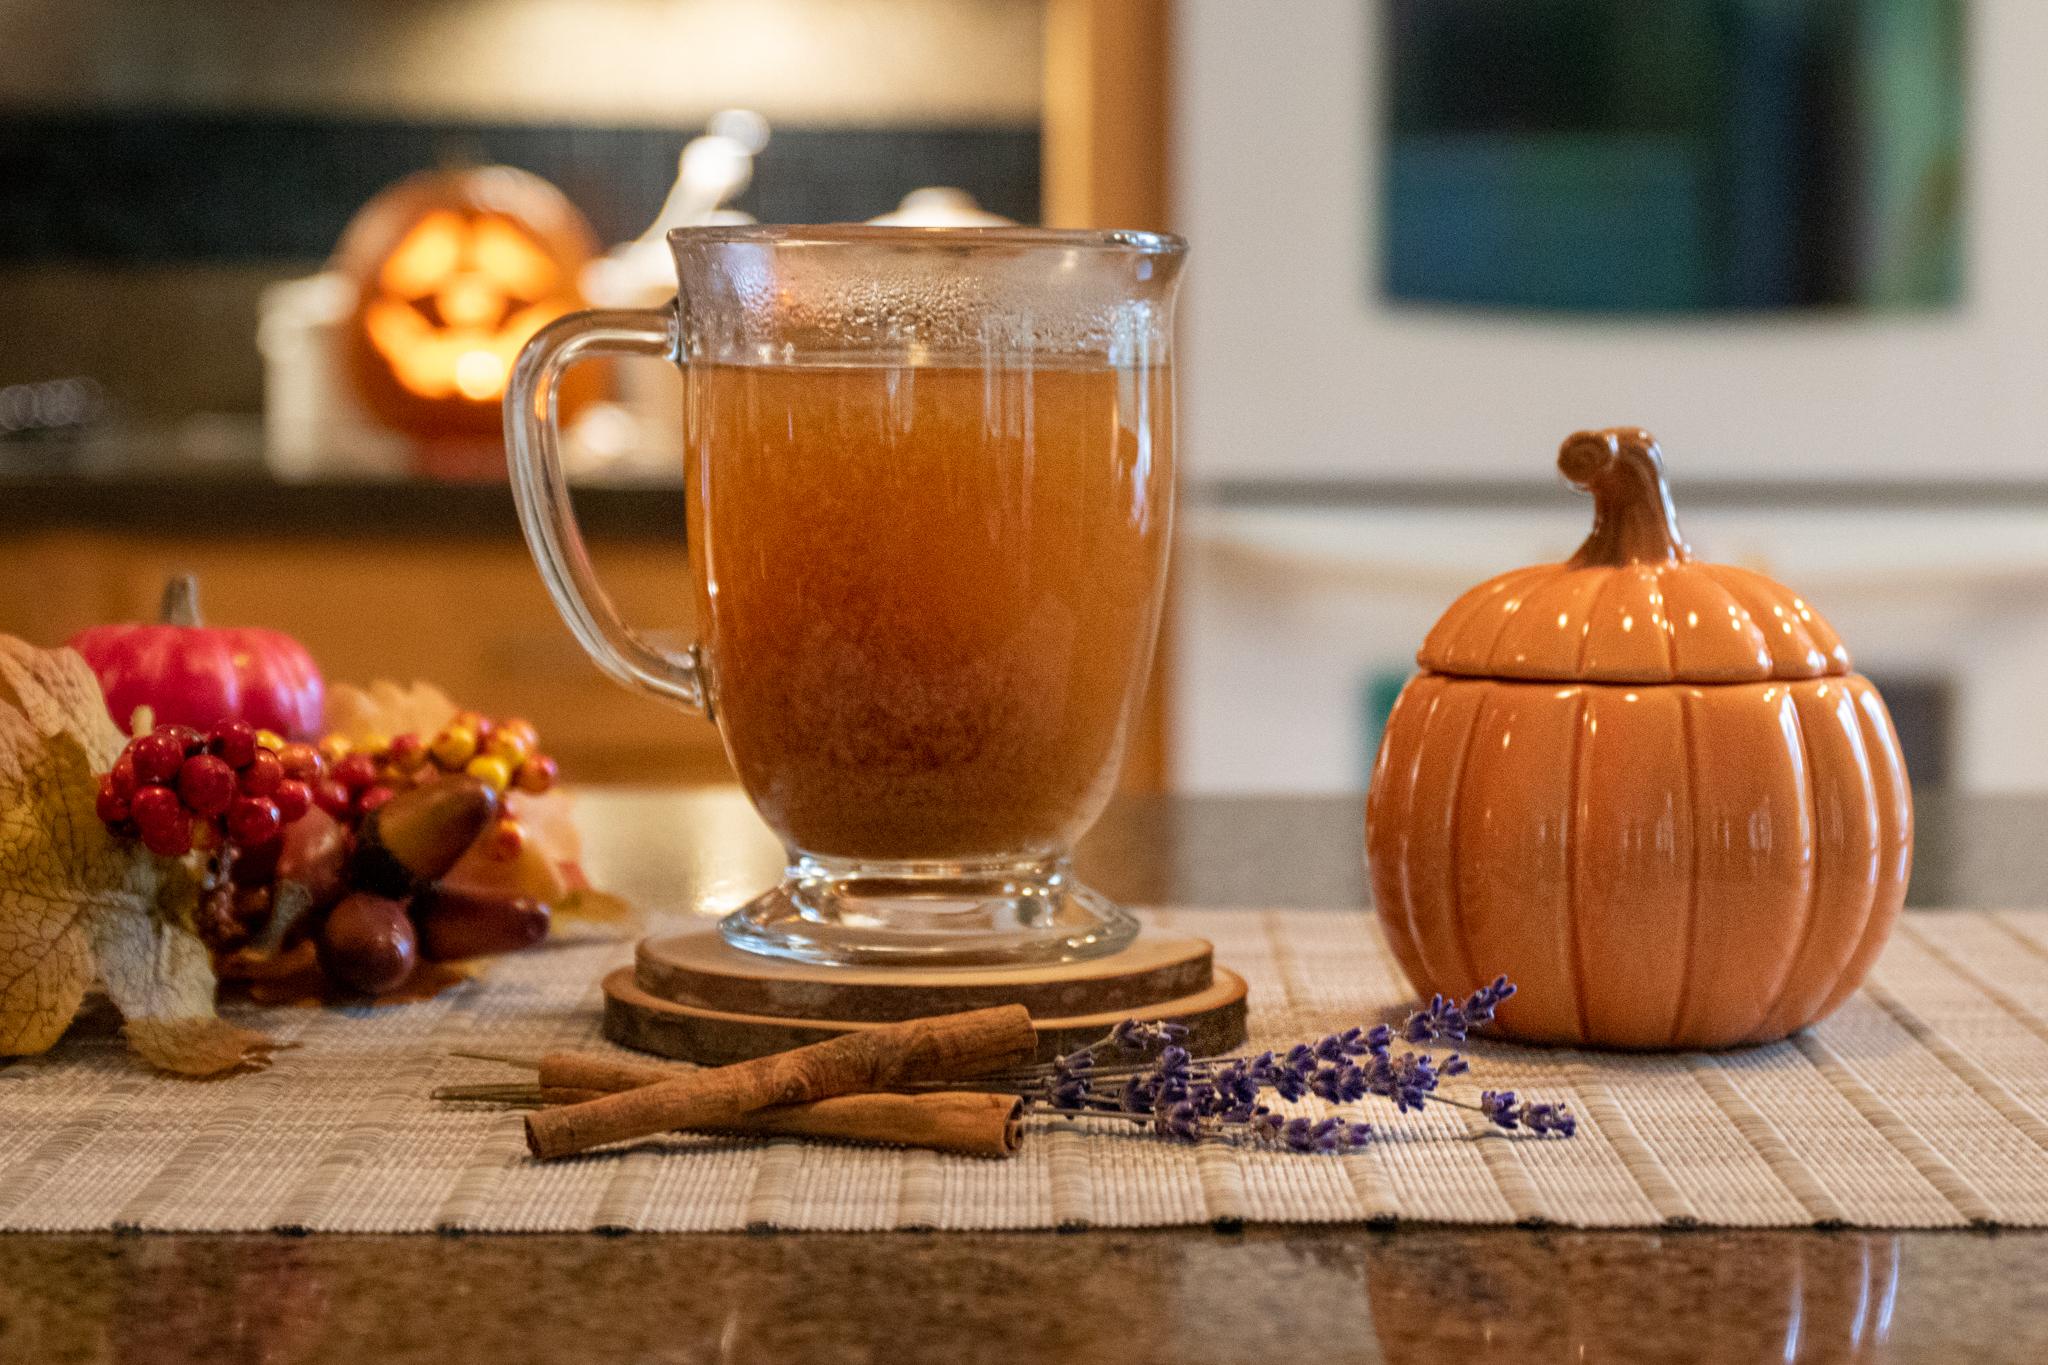 Lavender-Spice Mulled Cider